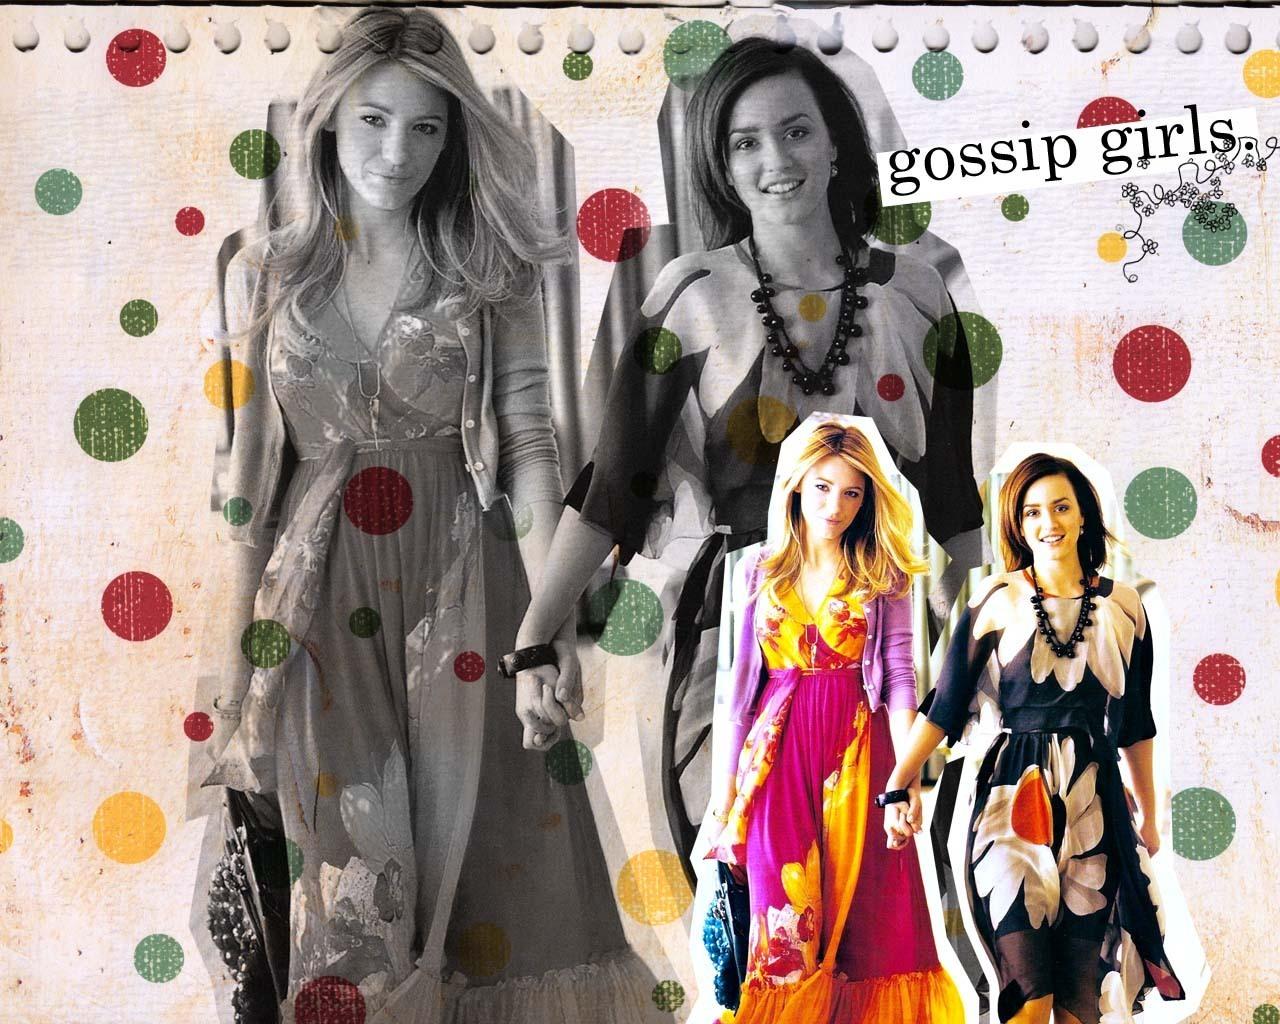 Gossip Girl Bs